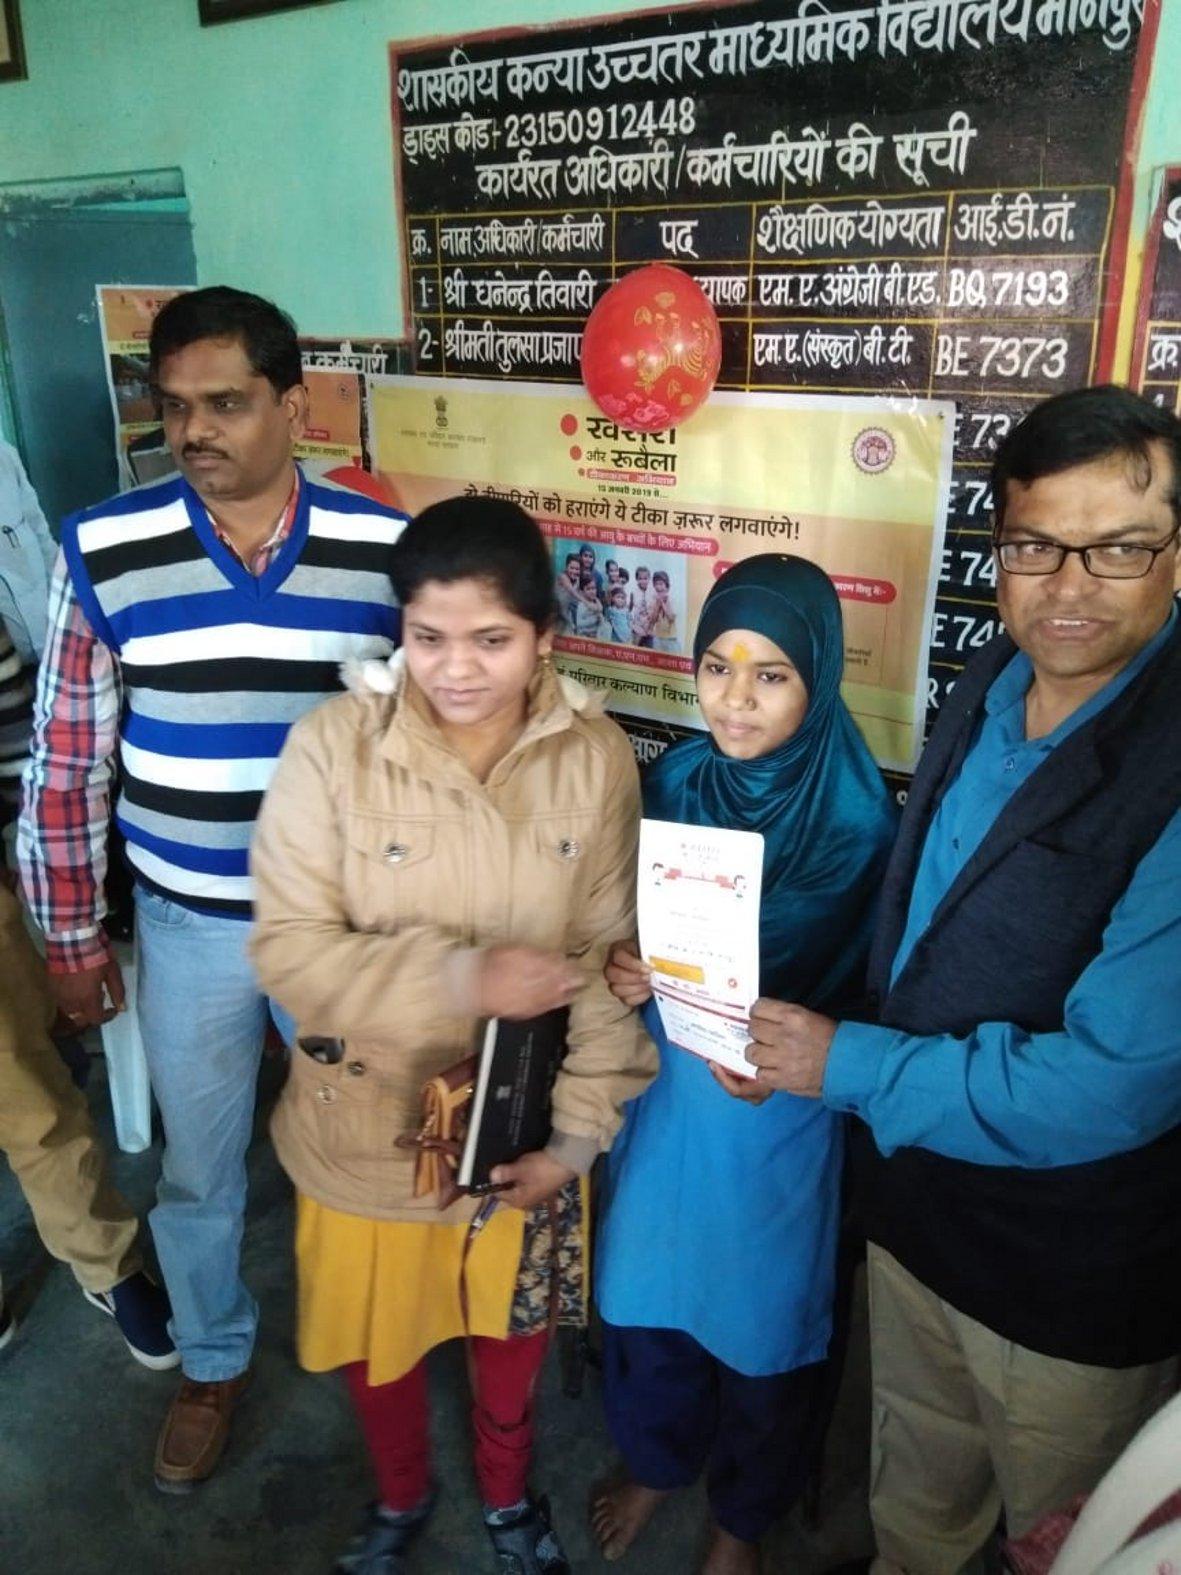 प्रथम टीका लगाकर छात्रा को एमआर मुक्ति का दिया प्रमाणपत्र